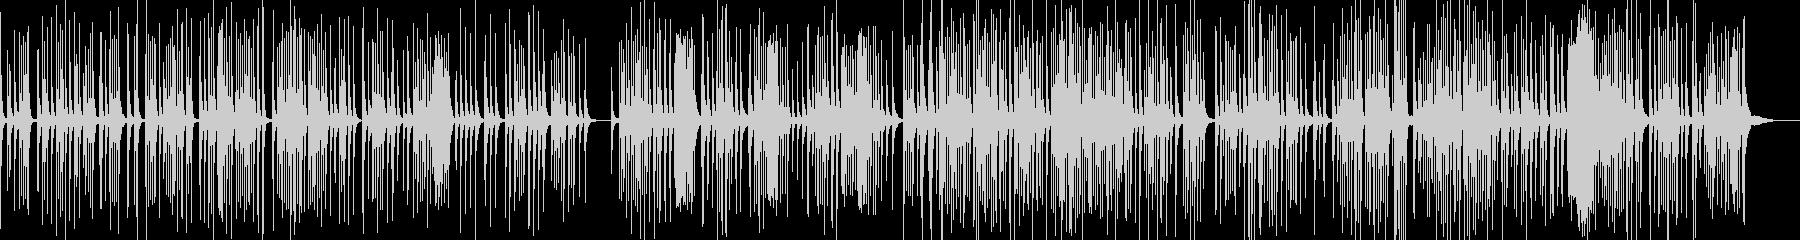 筝曲の雰囲気の和風BGMの未再生の波形